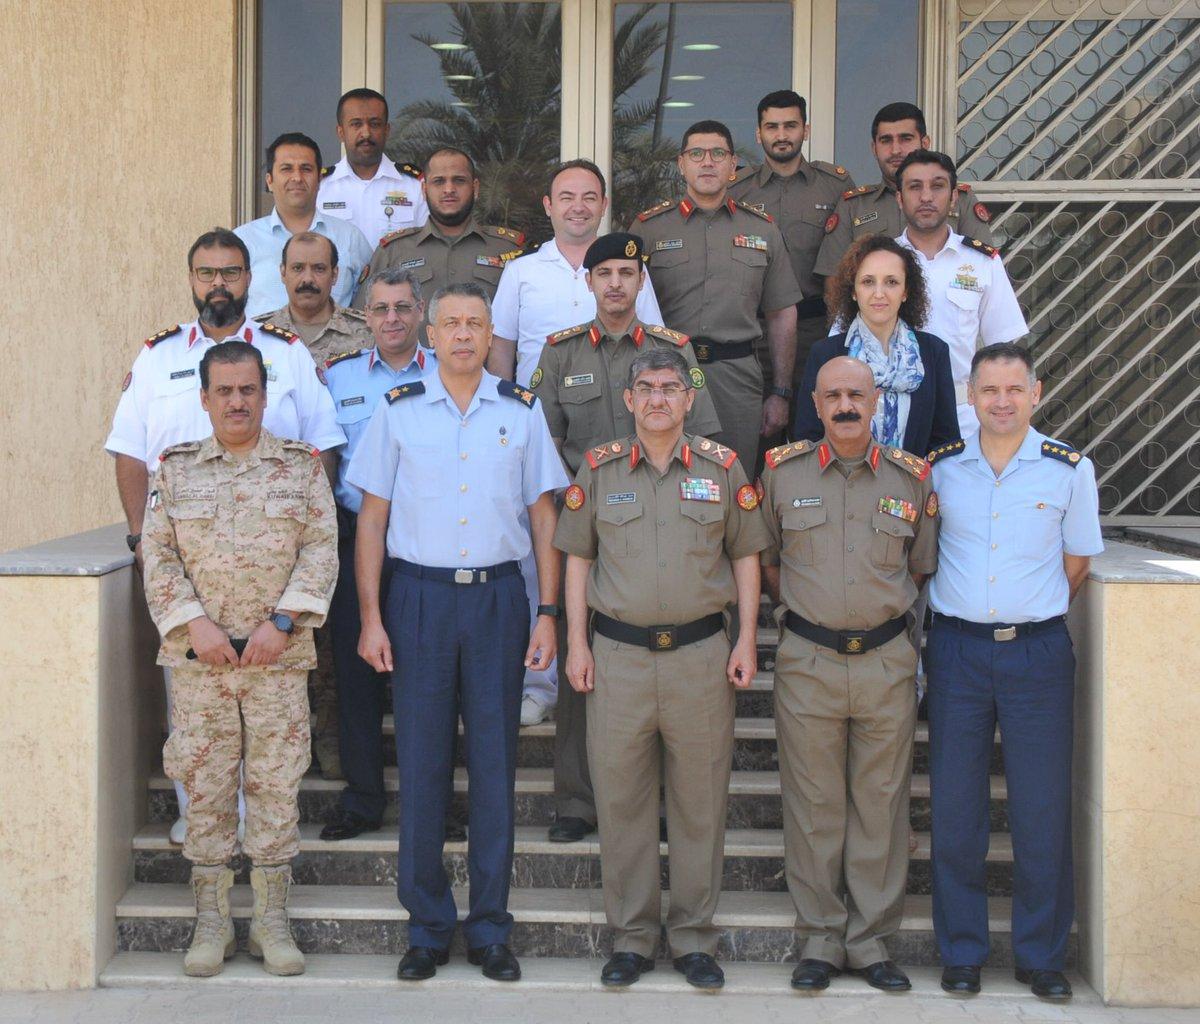 توقيع خطة عسكرية للدفاع بين تركيا والكويت DpJQMdkU8AEr7J6